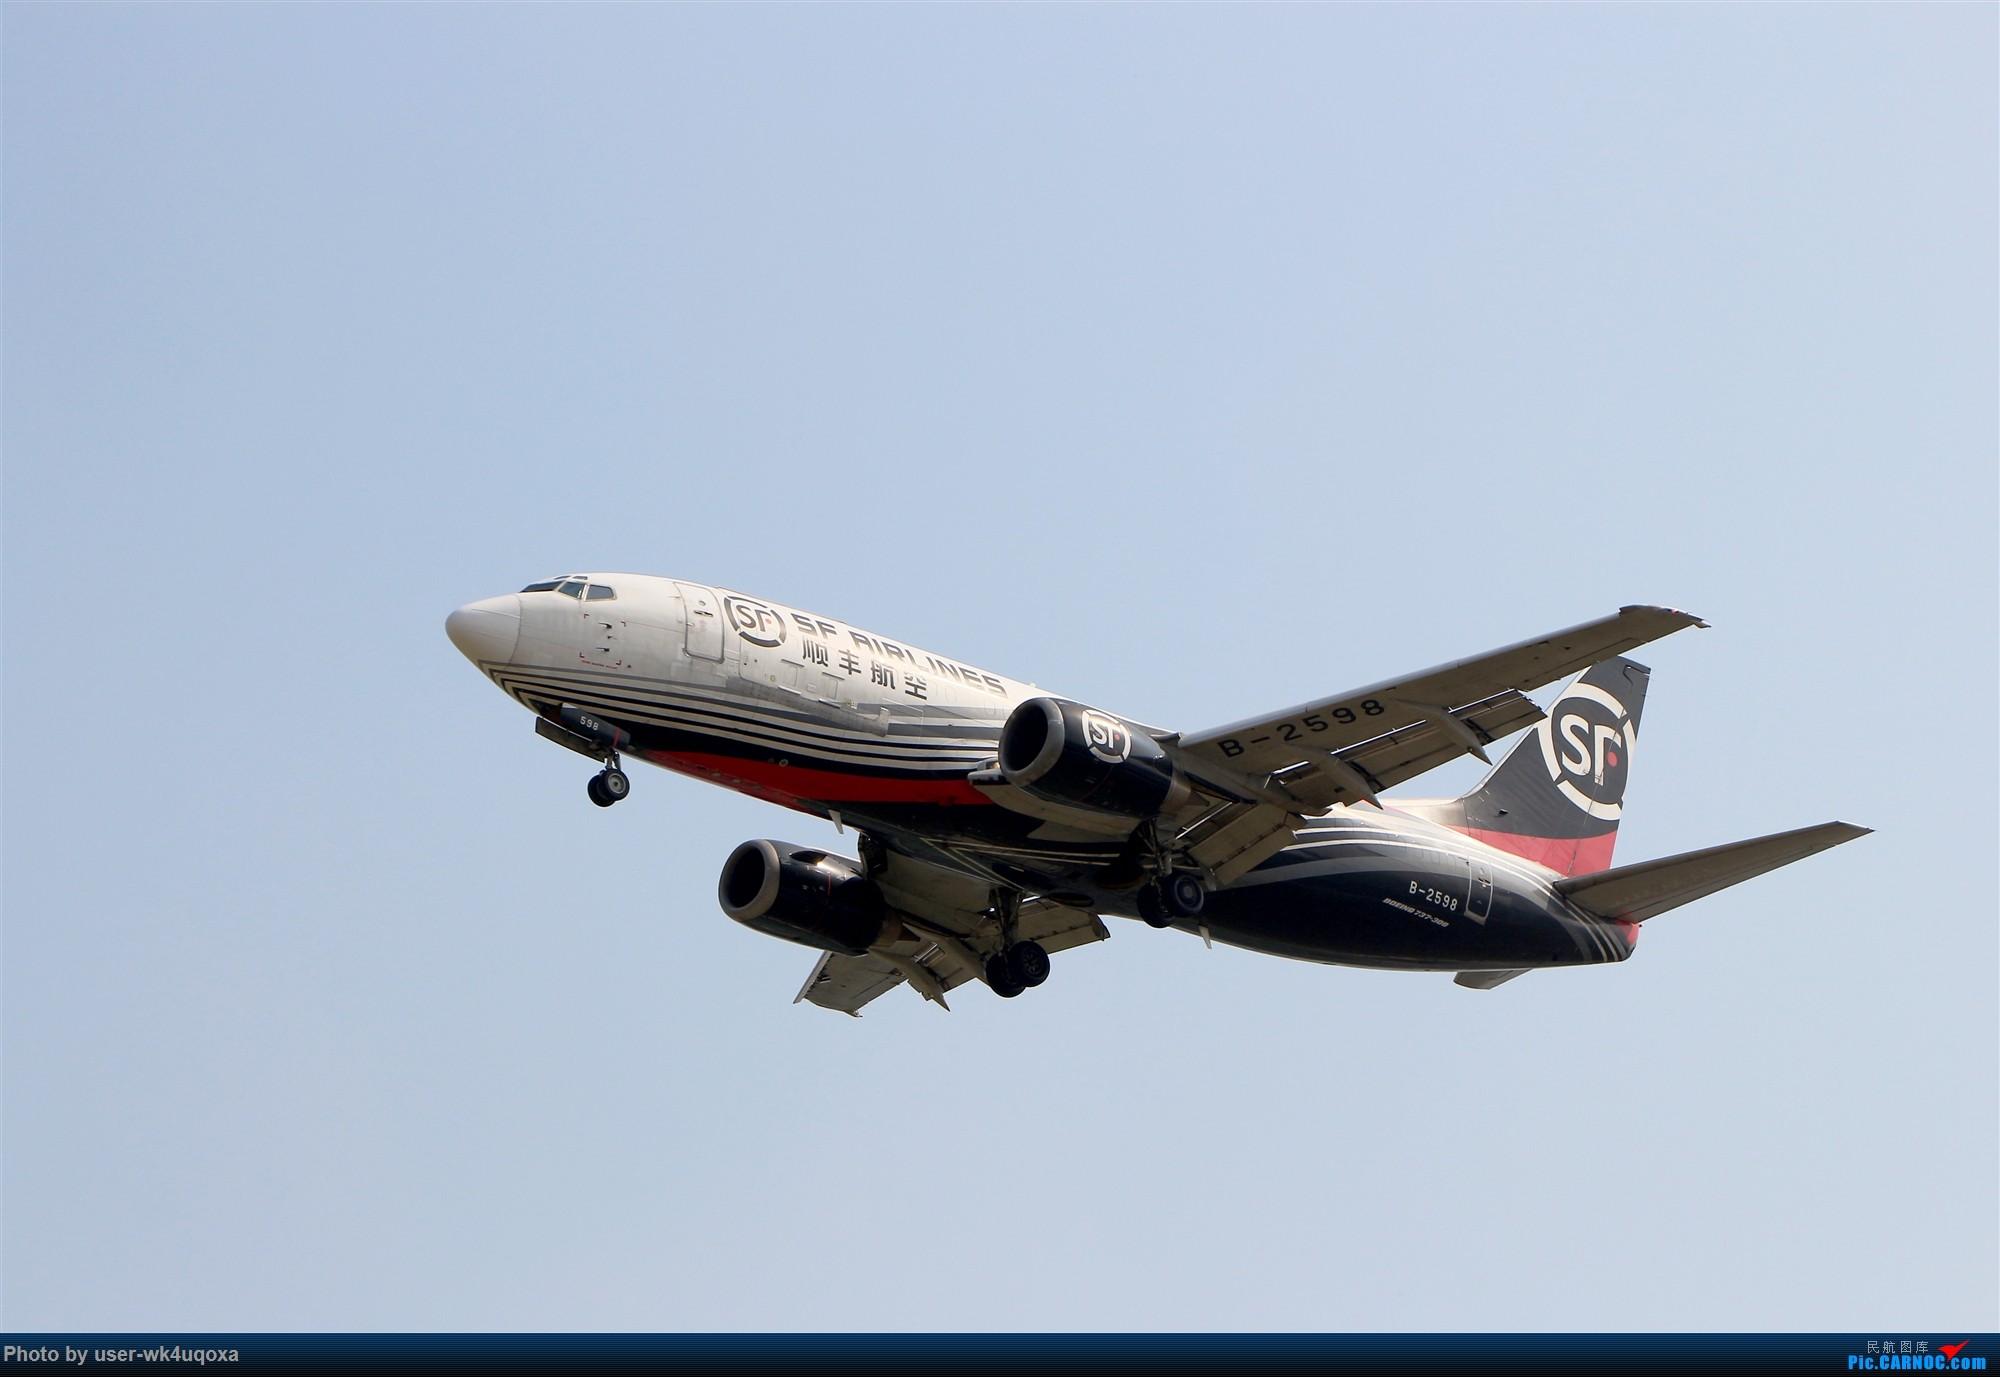 2019.9.26顺丰航空降落PEK BOEING 737-300 B-2598 首都国际机场T3停车场